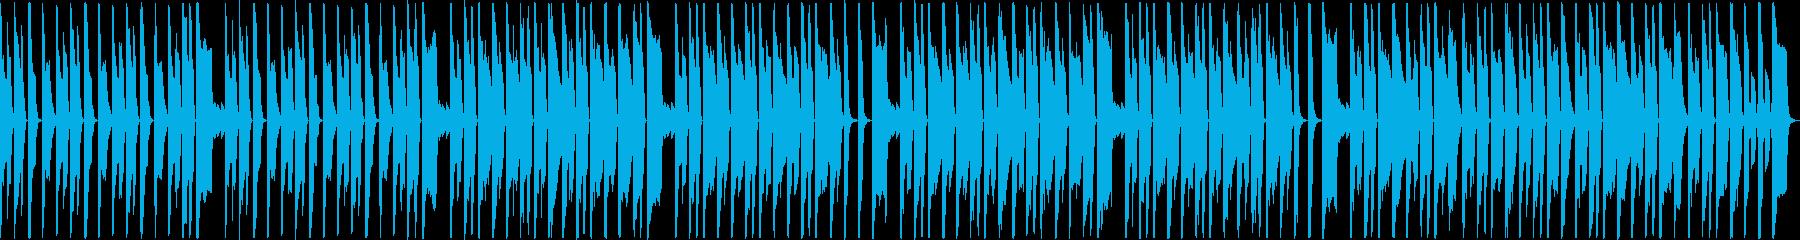 犬・猫・子供のほのぼのシンセループの再生済みの波形